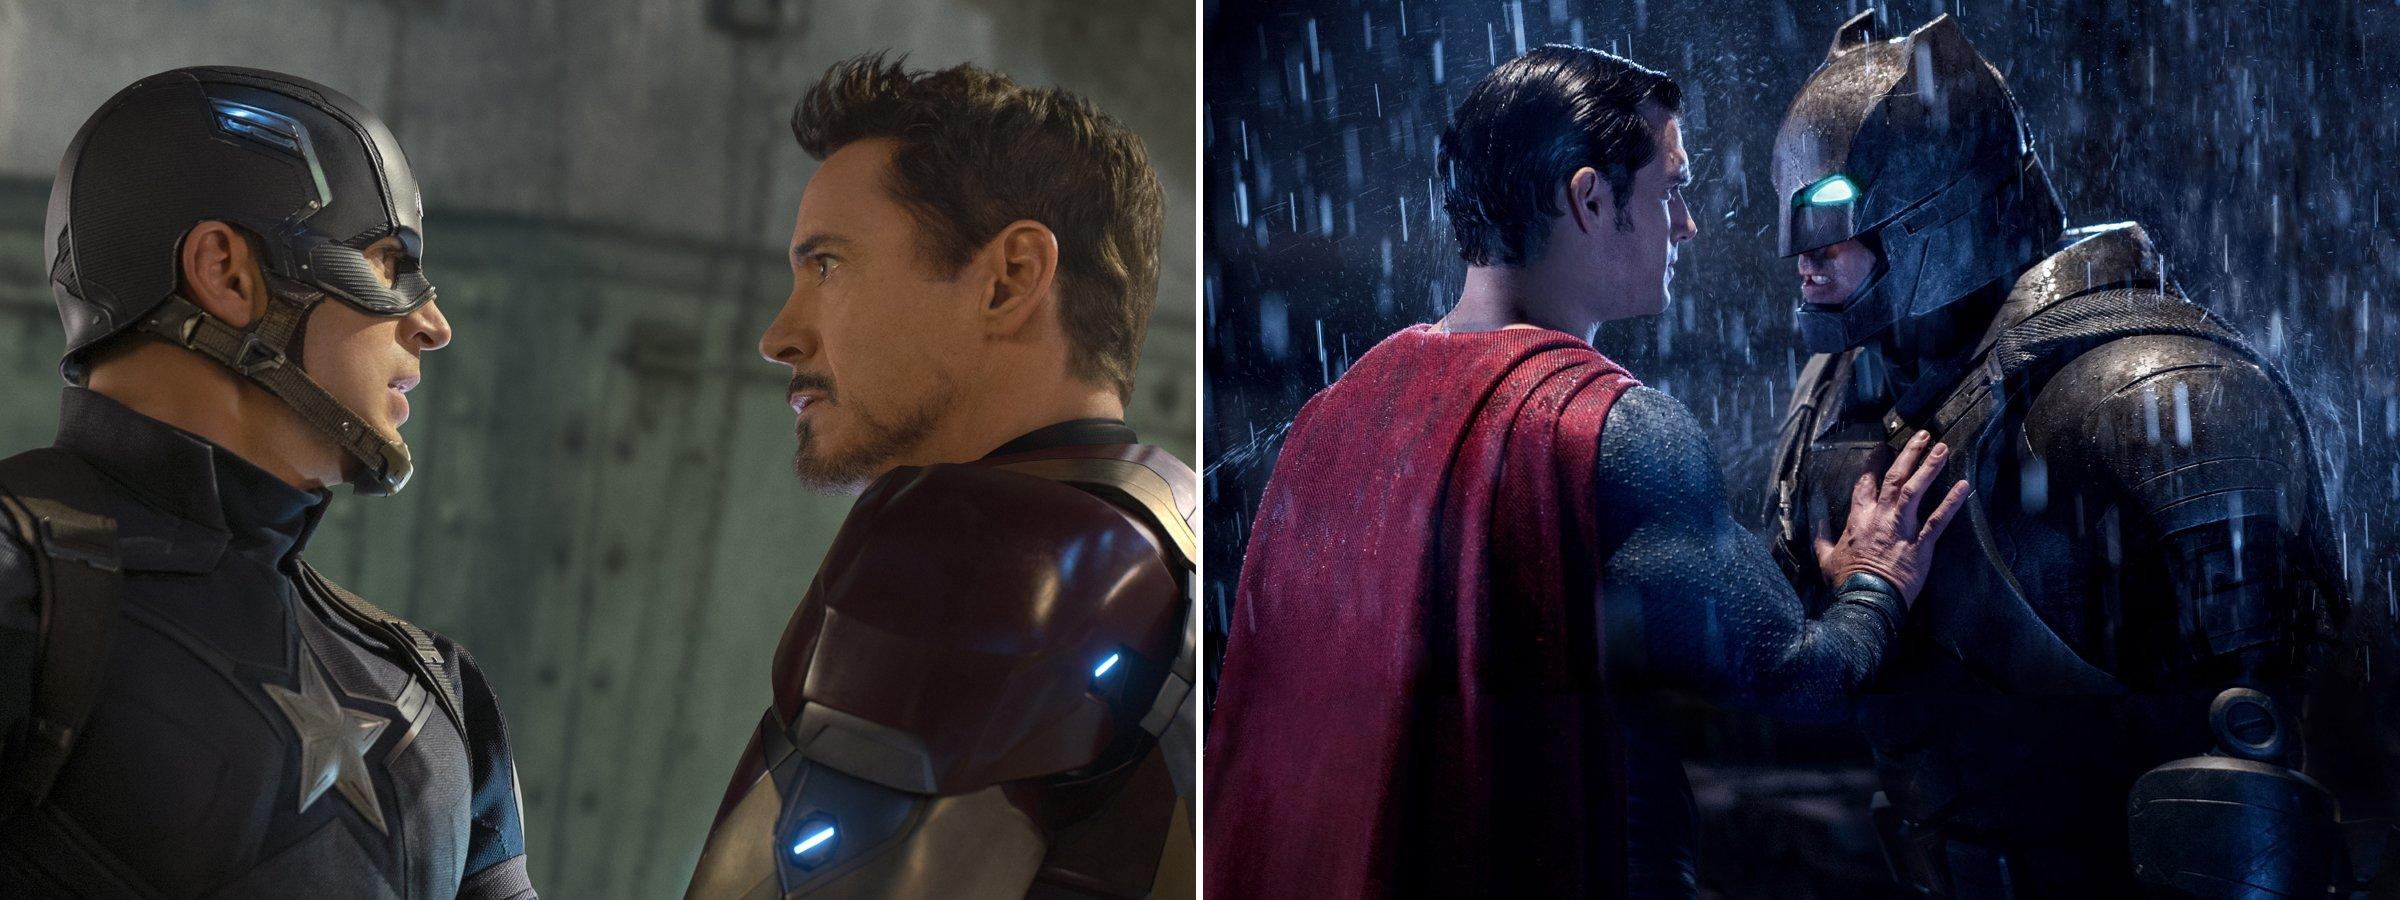 captain-america-civil-war-batman-v-superman